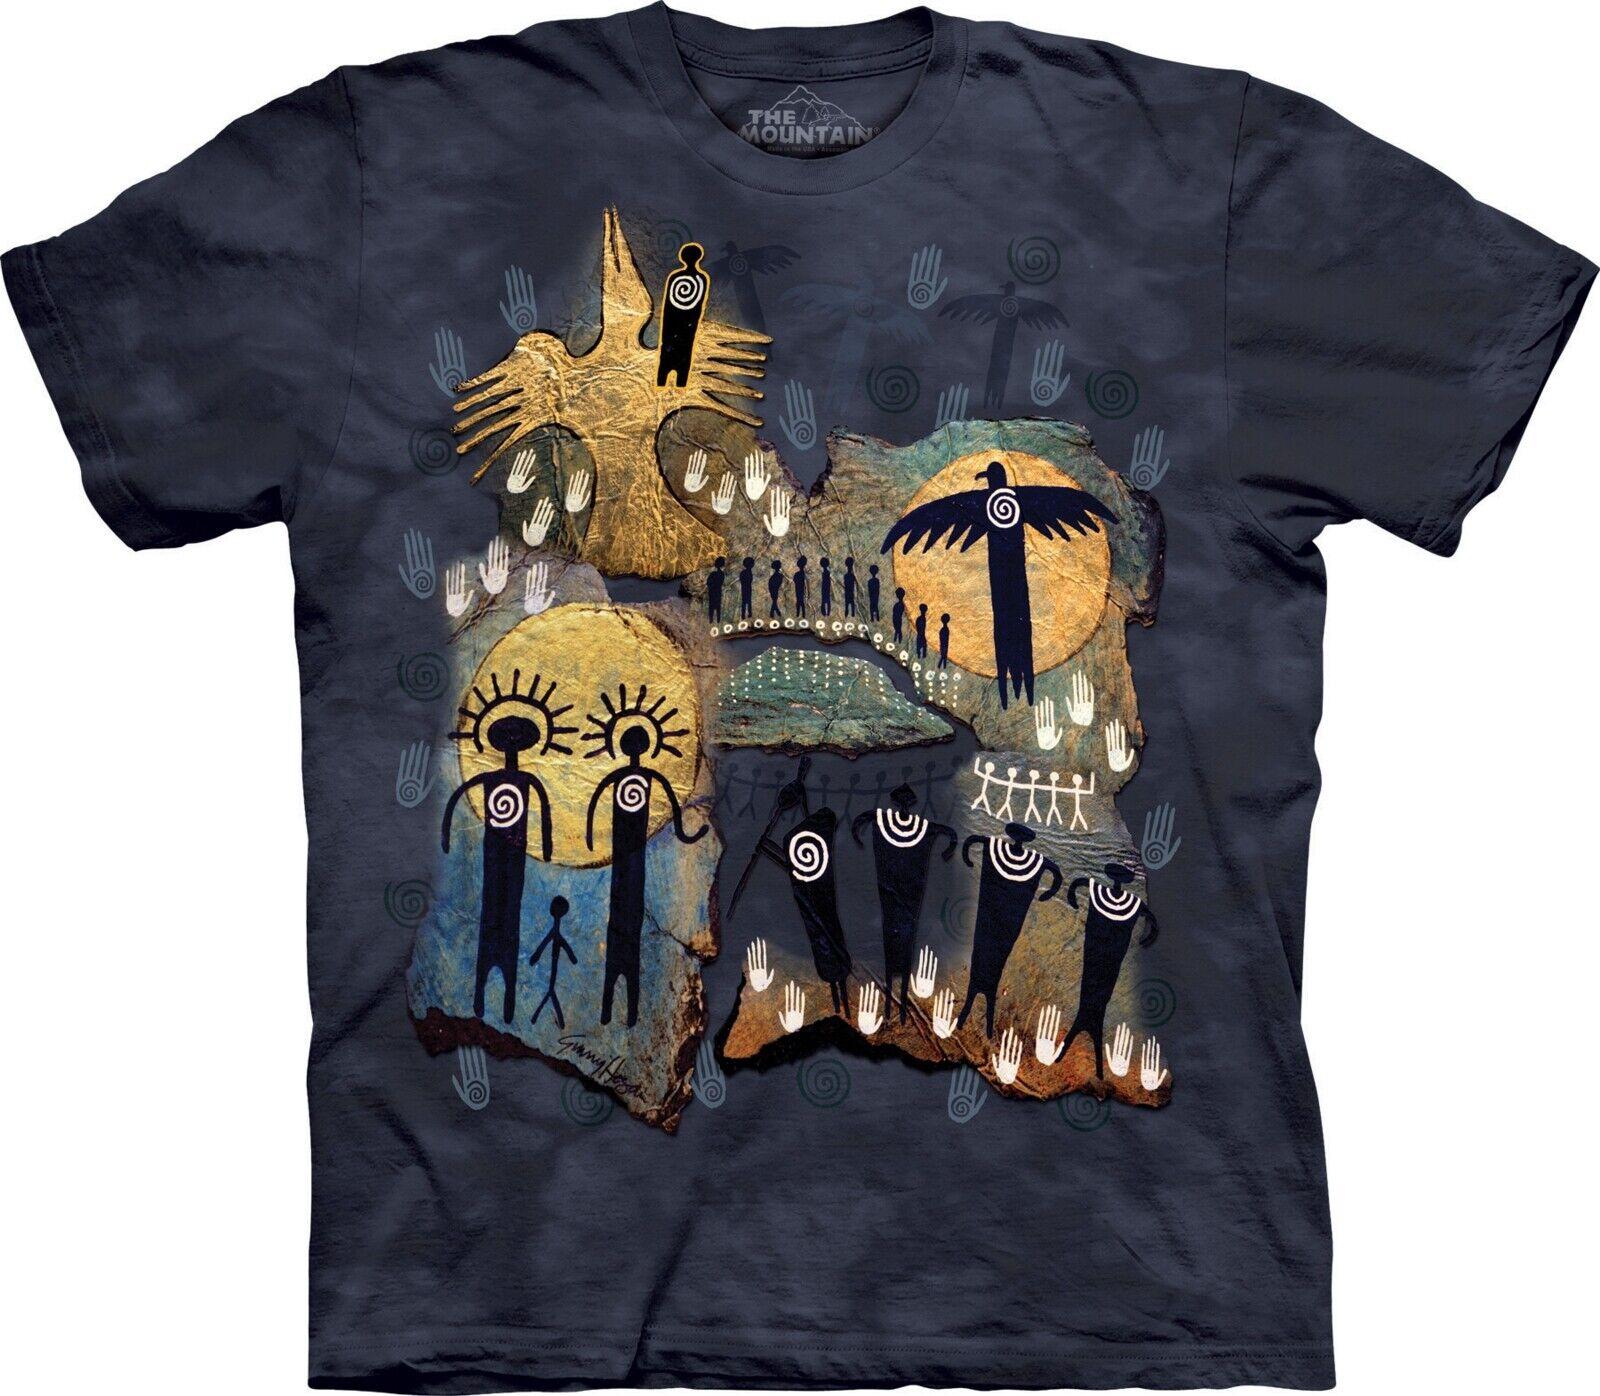 Mountain Mountain Mountain Erwachsen Flight of Shaman Indianer T Shirt   Billig ideal    Verschiedene Stile und Stile  020b4a